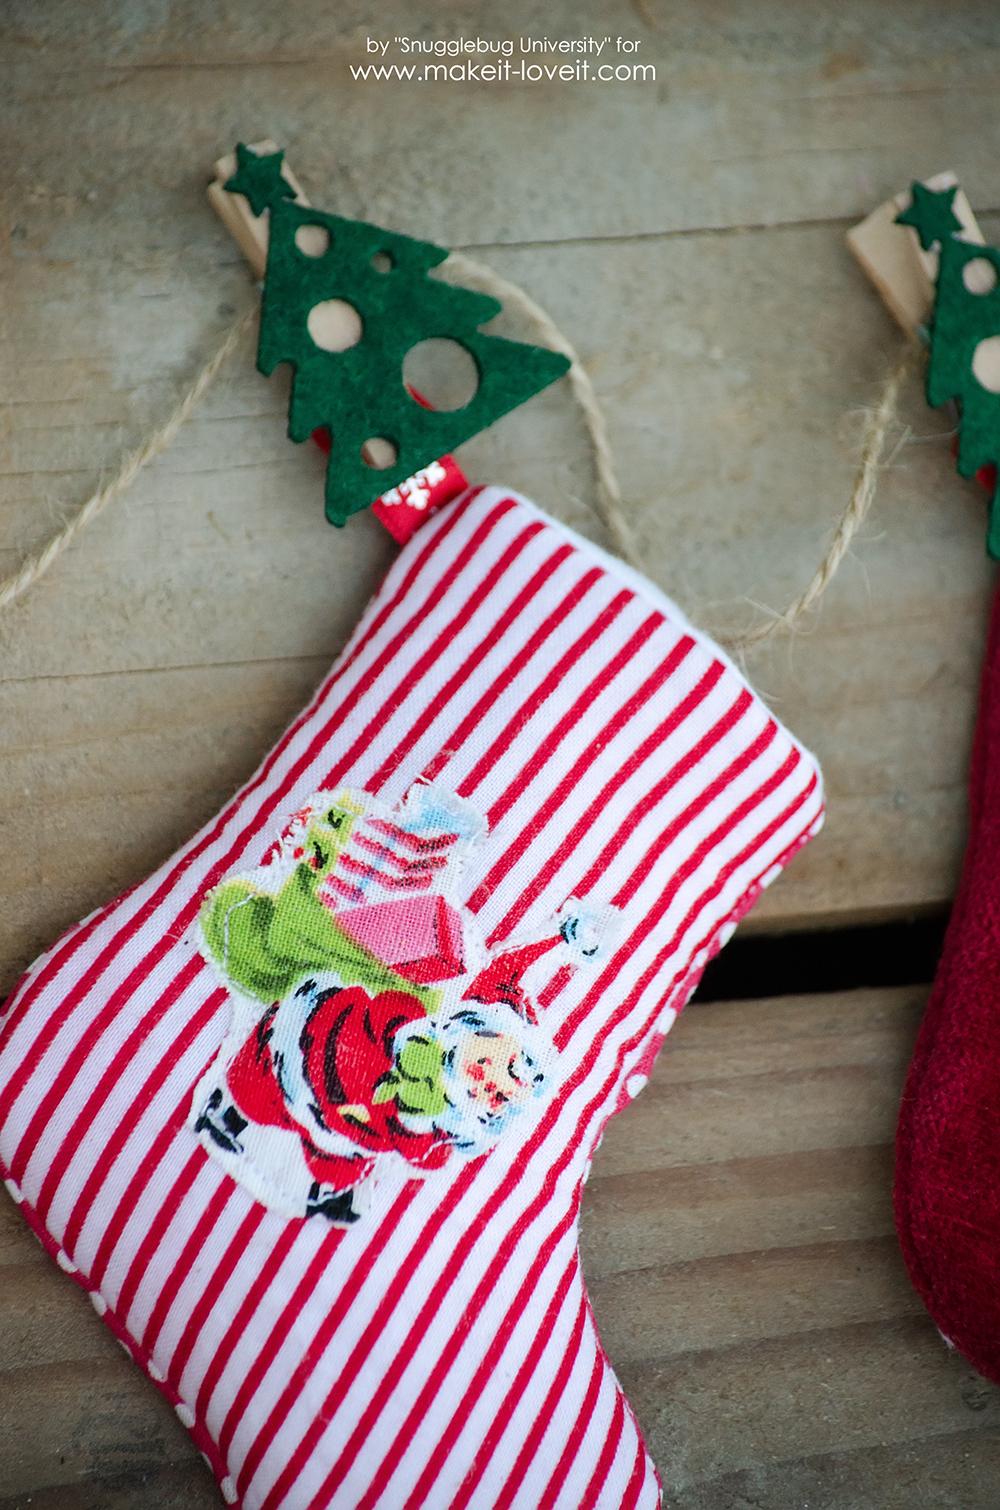 DIY Mini Stocking Advent Calendar   via makeit-loveit.com